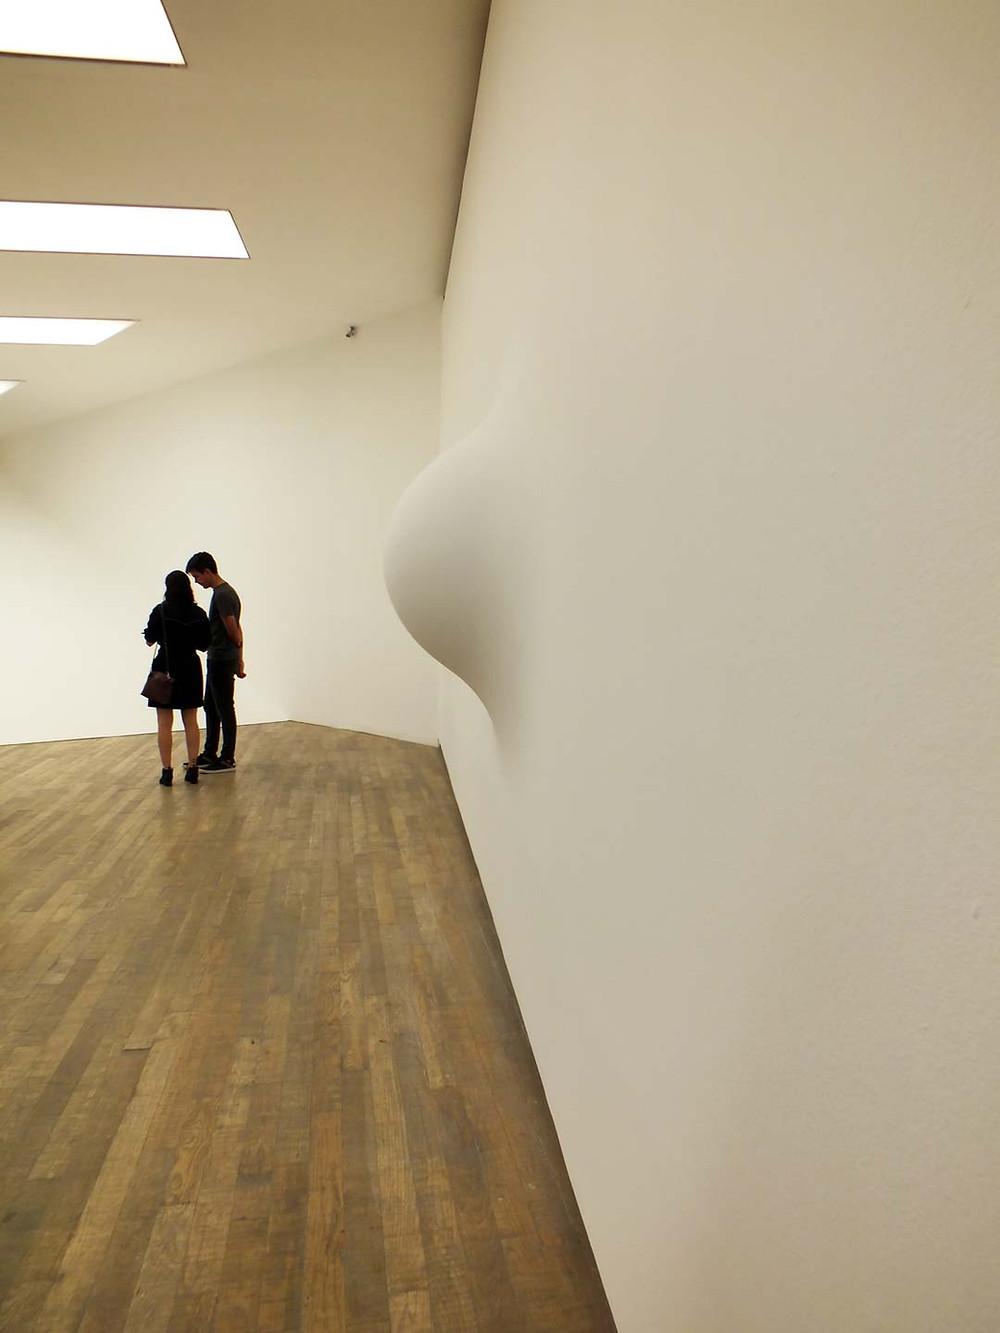 When I Am Pregnant, 1992 (Cuando estoy gestando)Fibra de vidrio, madera y pintura. 180,5 x 180,5 x 43 cm. Anish Kapoor, PROA. Fotografía: Andrea Alamanni